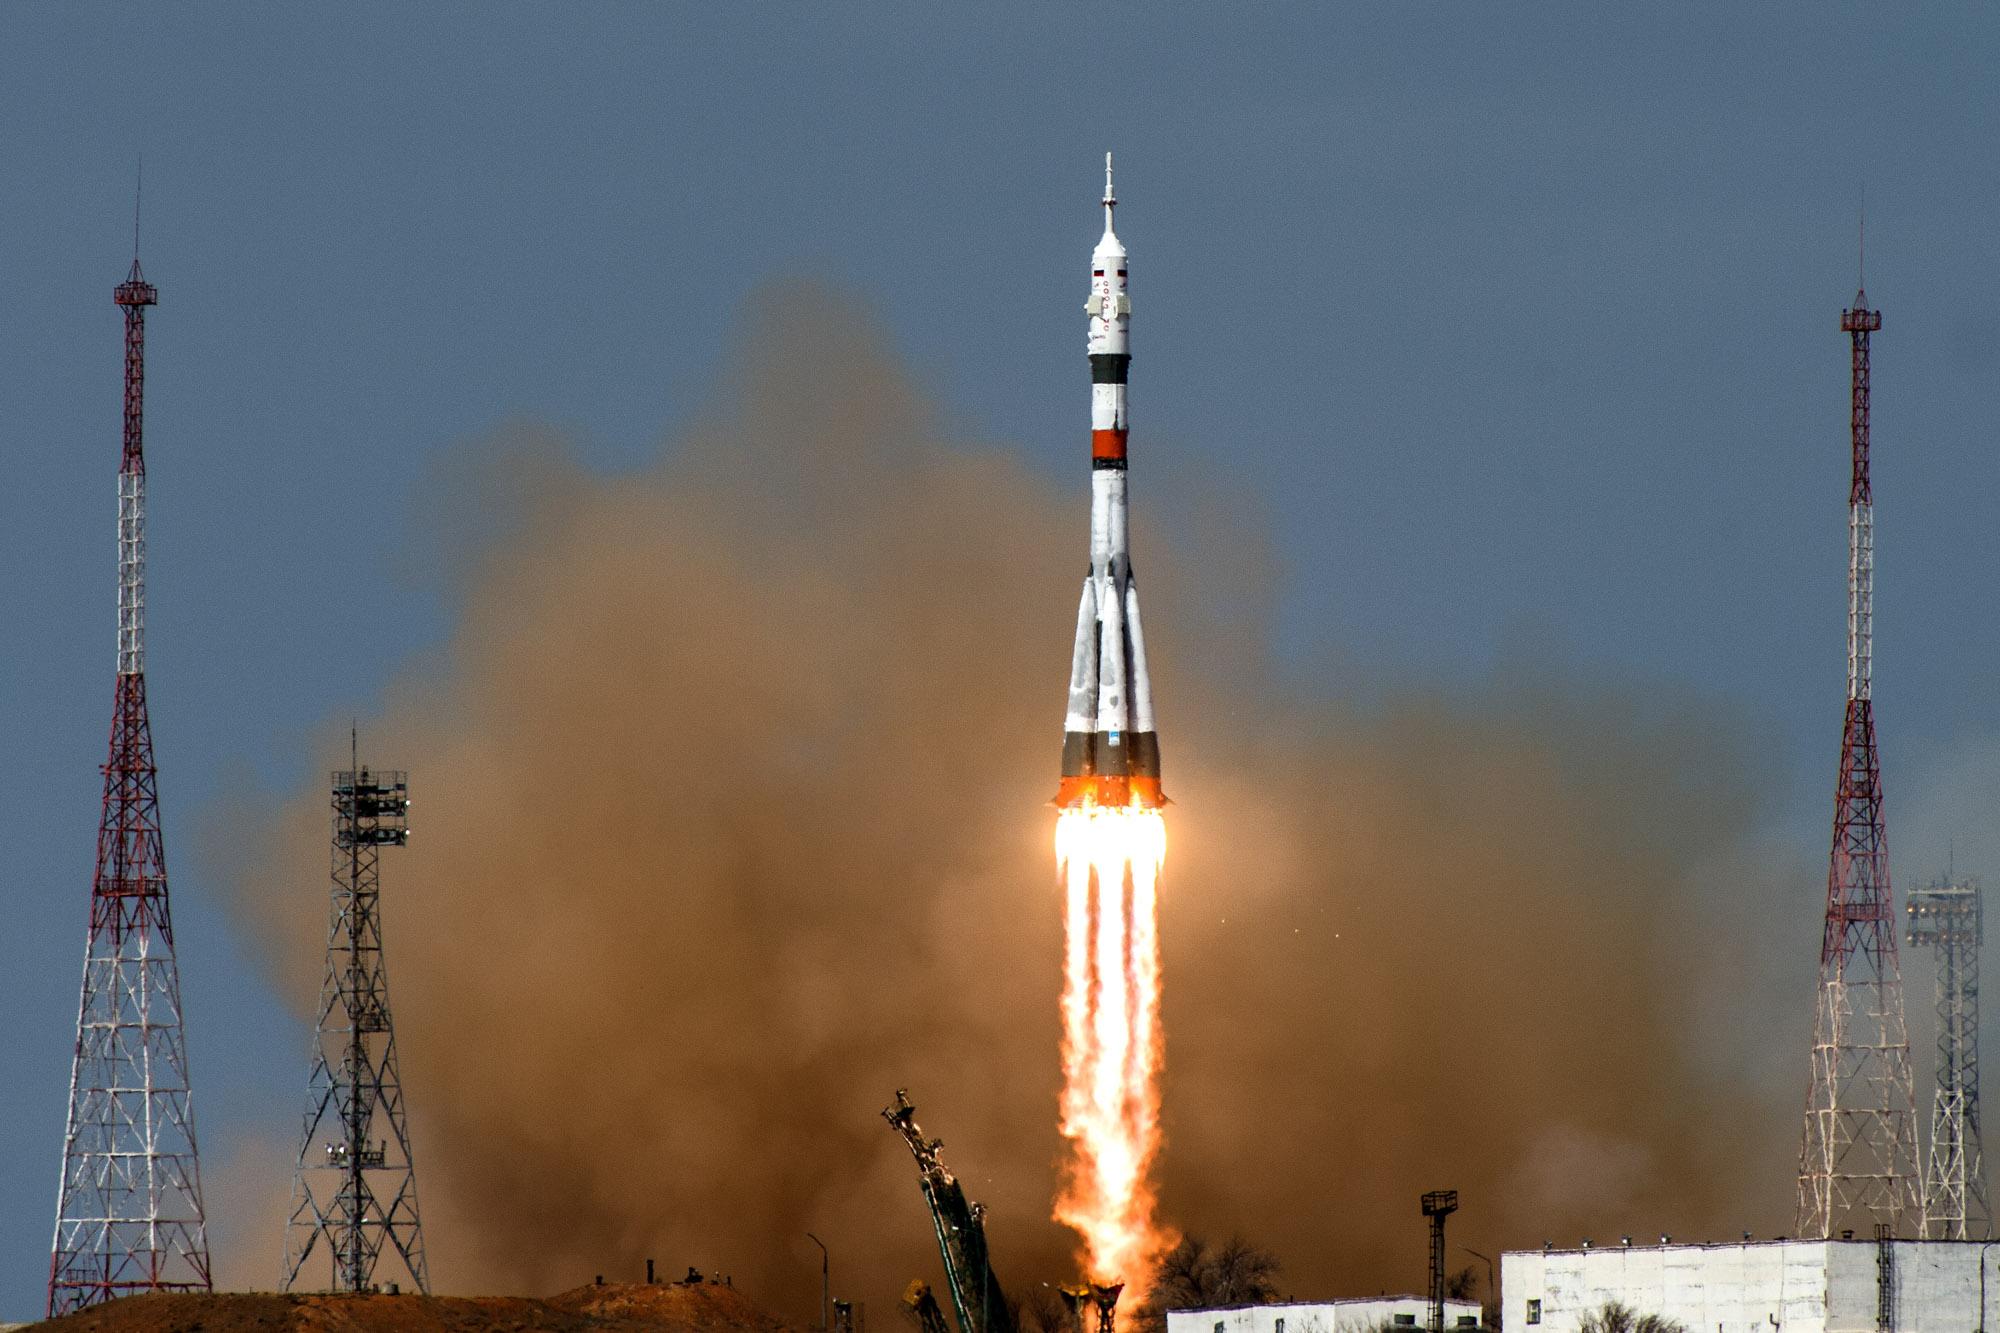 9 апреля 2020 года в11:05:06 мск скосмодрома Байконур запланирован пуск ракеты-носителя «Союз-2.1а» спилотируемым кораблем «Союз МС-16» попрограмме 62-й и63-й основных экспедиций кМеждународной космической станции.